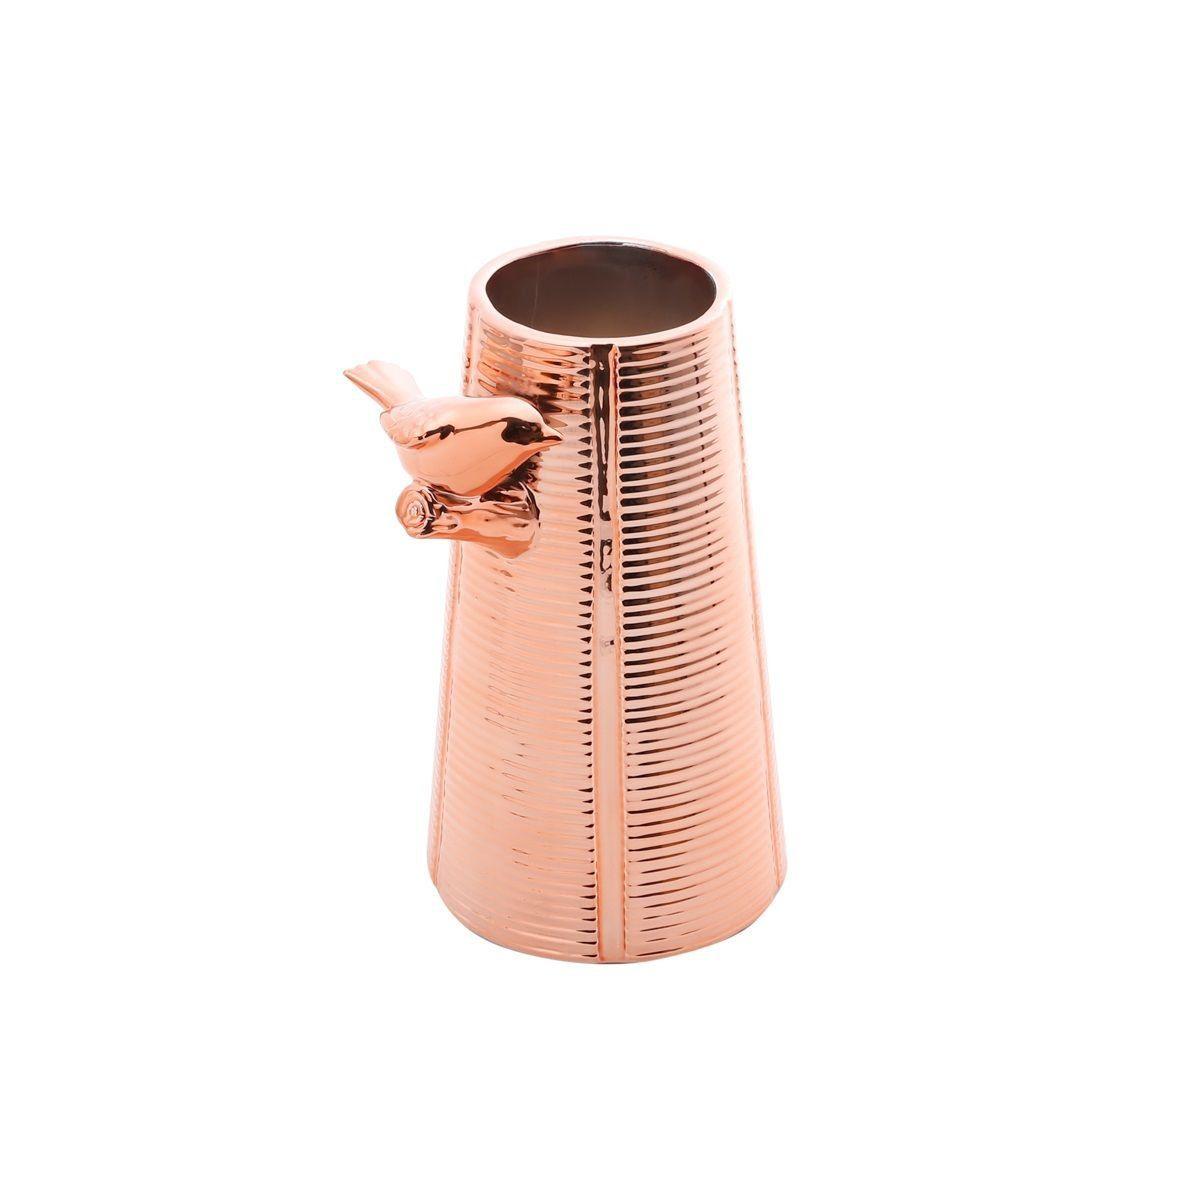 Vaso decorativo solitário 14,50 cm de cerâmica rosé gold Bird Prestige - 25671